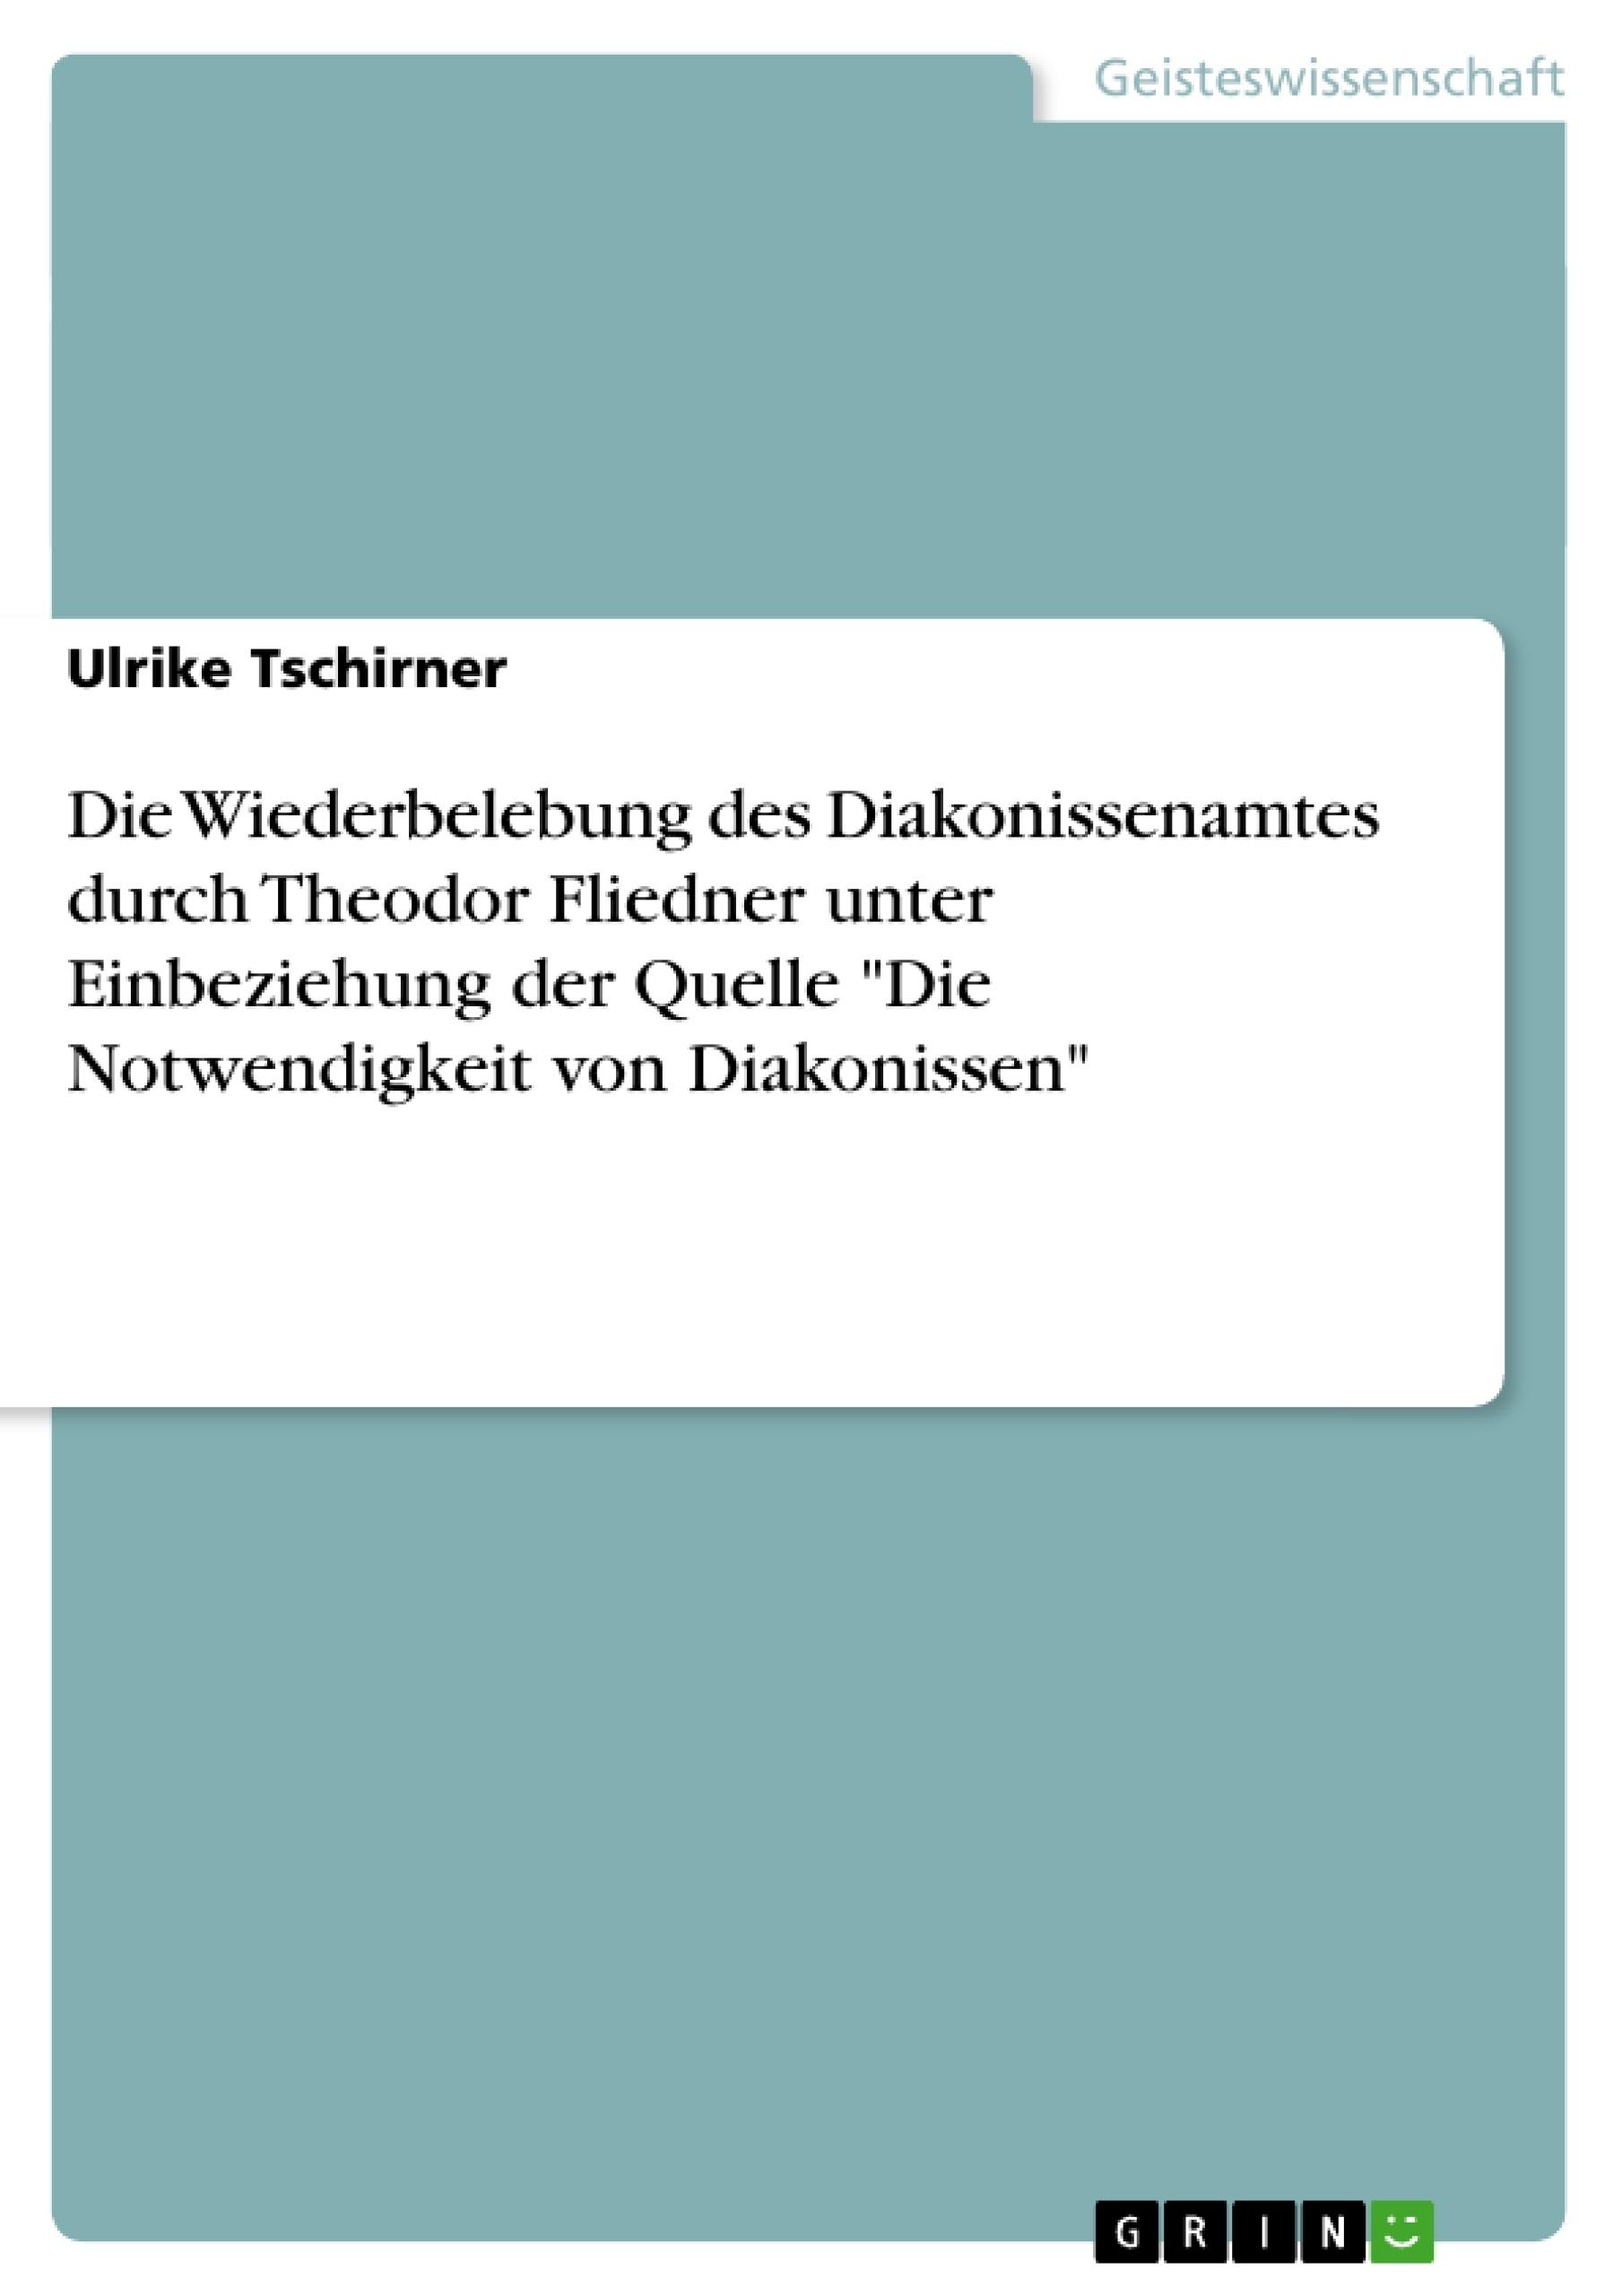 """Titel: Die Wiederbelebung des Diakonissenamtes durch Theodor Fliedner unter Einbeziehung der Quelle """"Die Notwendigkeit von Diakonissen"""""""